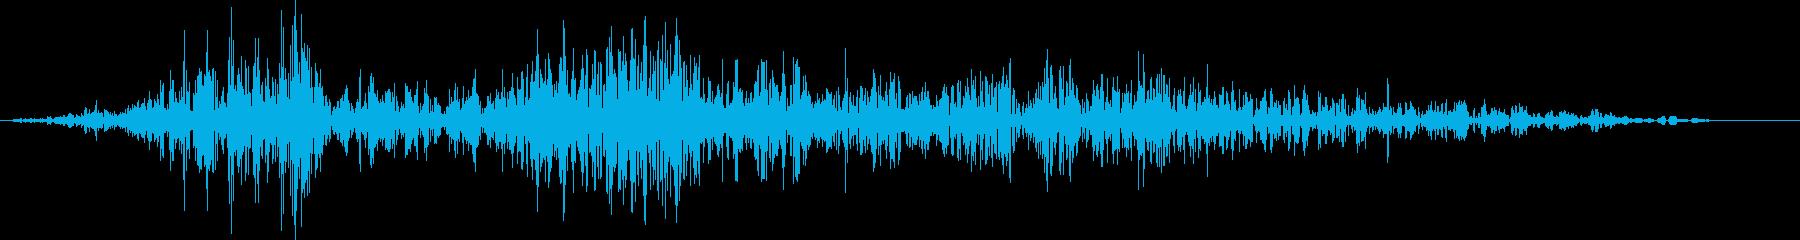 小型ゴブリンの鳴き声(やられた)の再生済みの波形